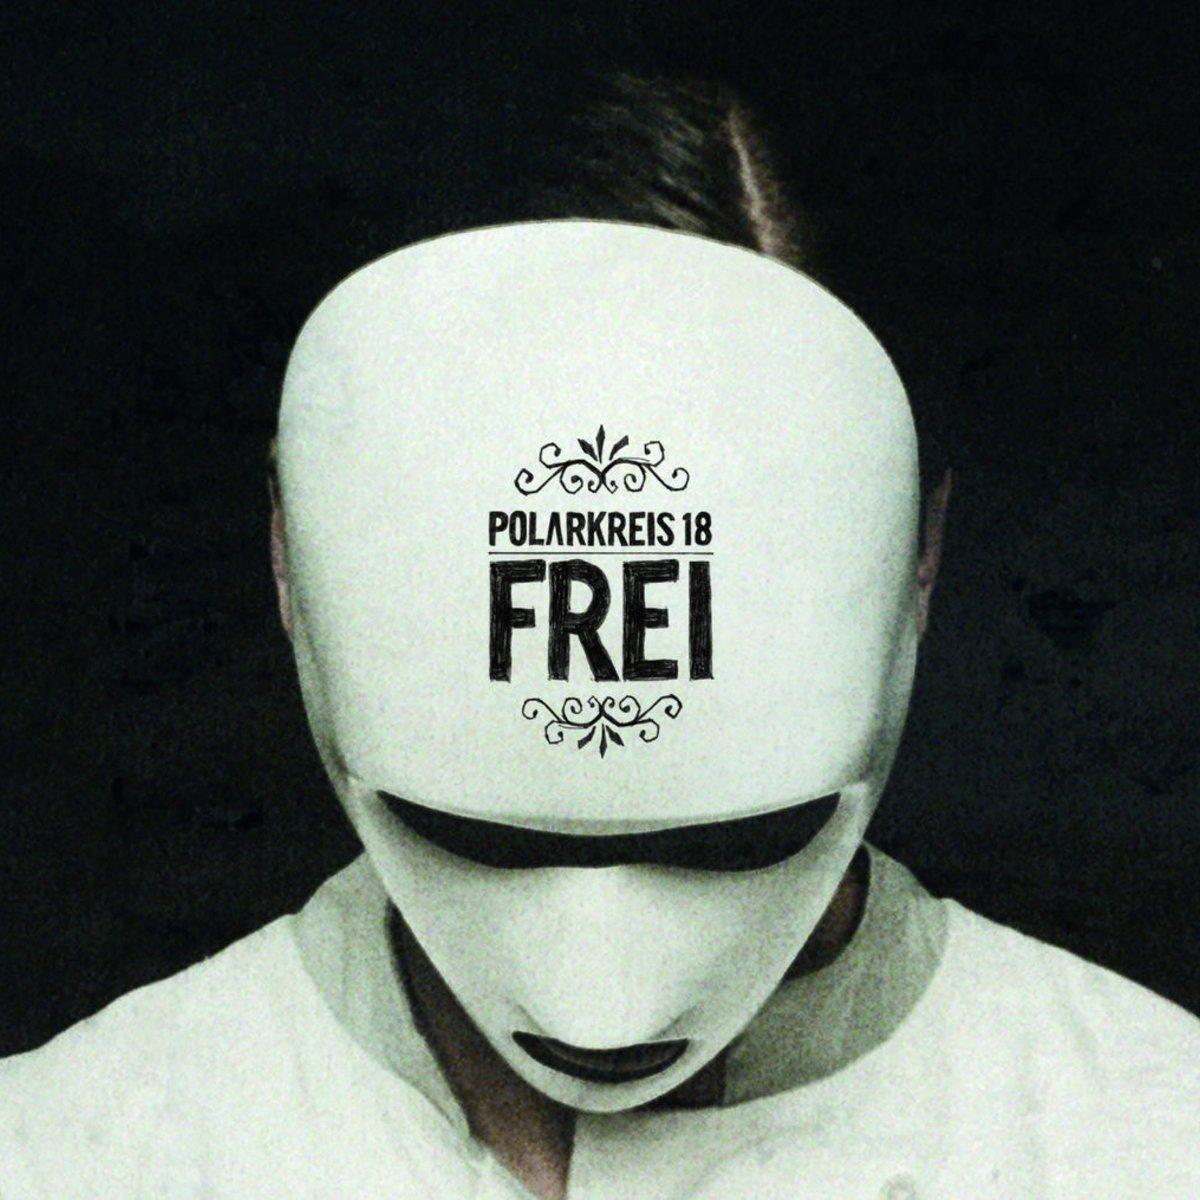 Polarkreis 18 album Frei (Special Version)